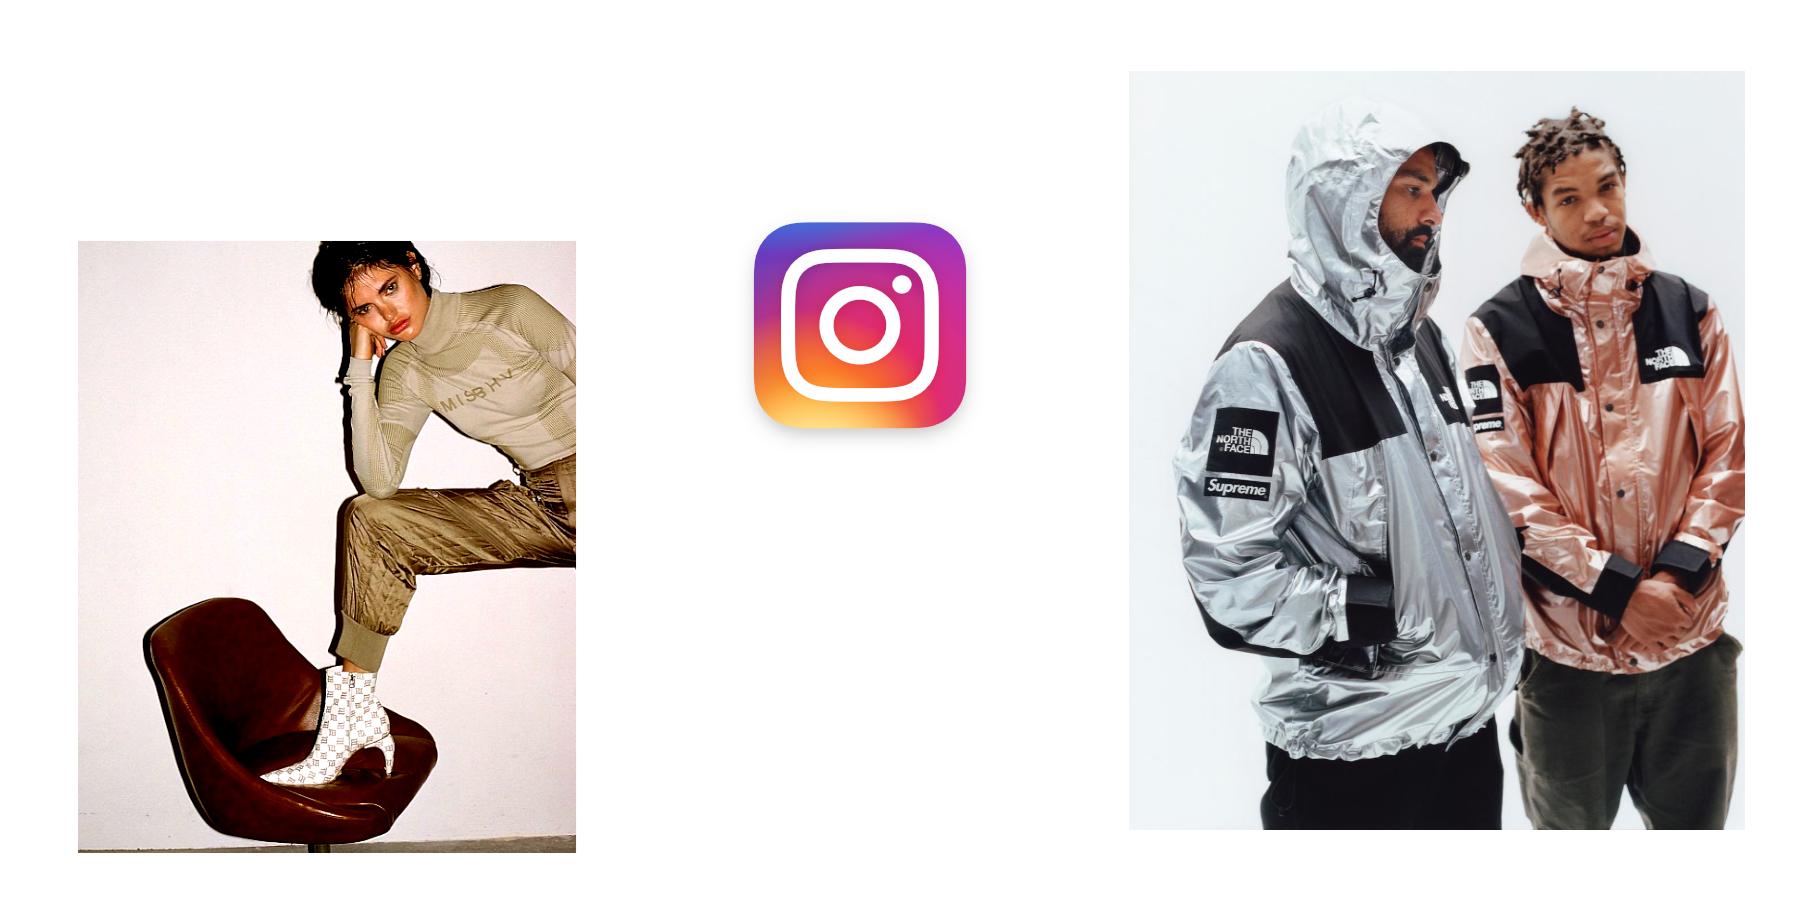 Jak streetwearowe brandy radzą sobie na Instagramie